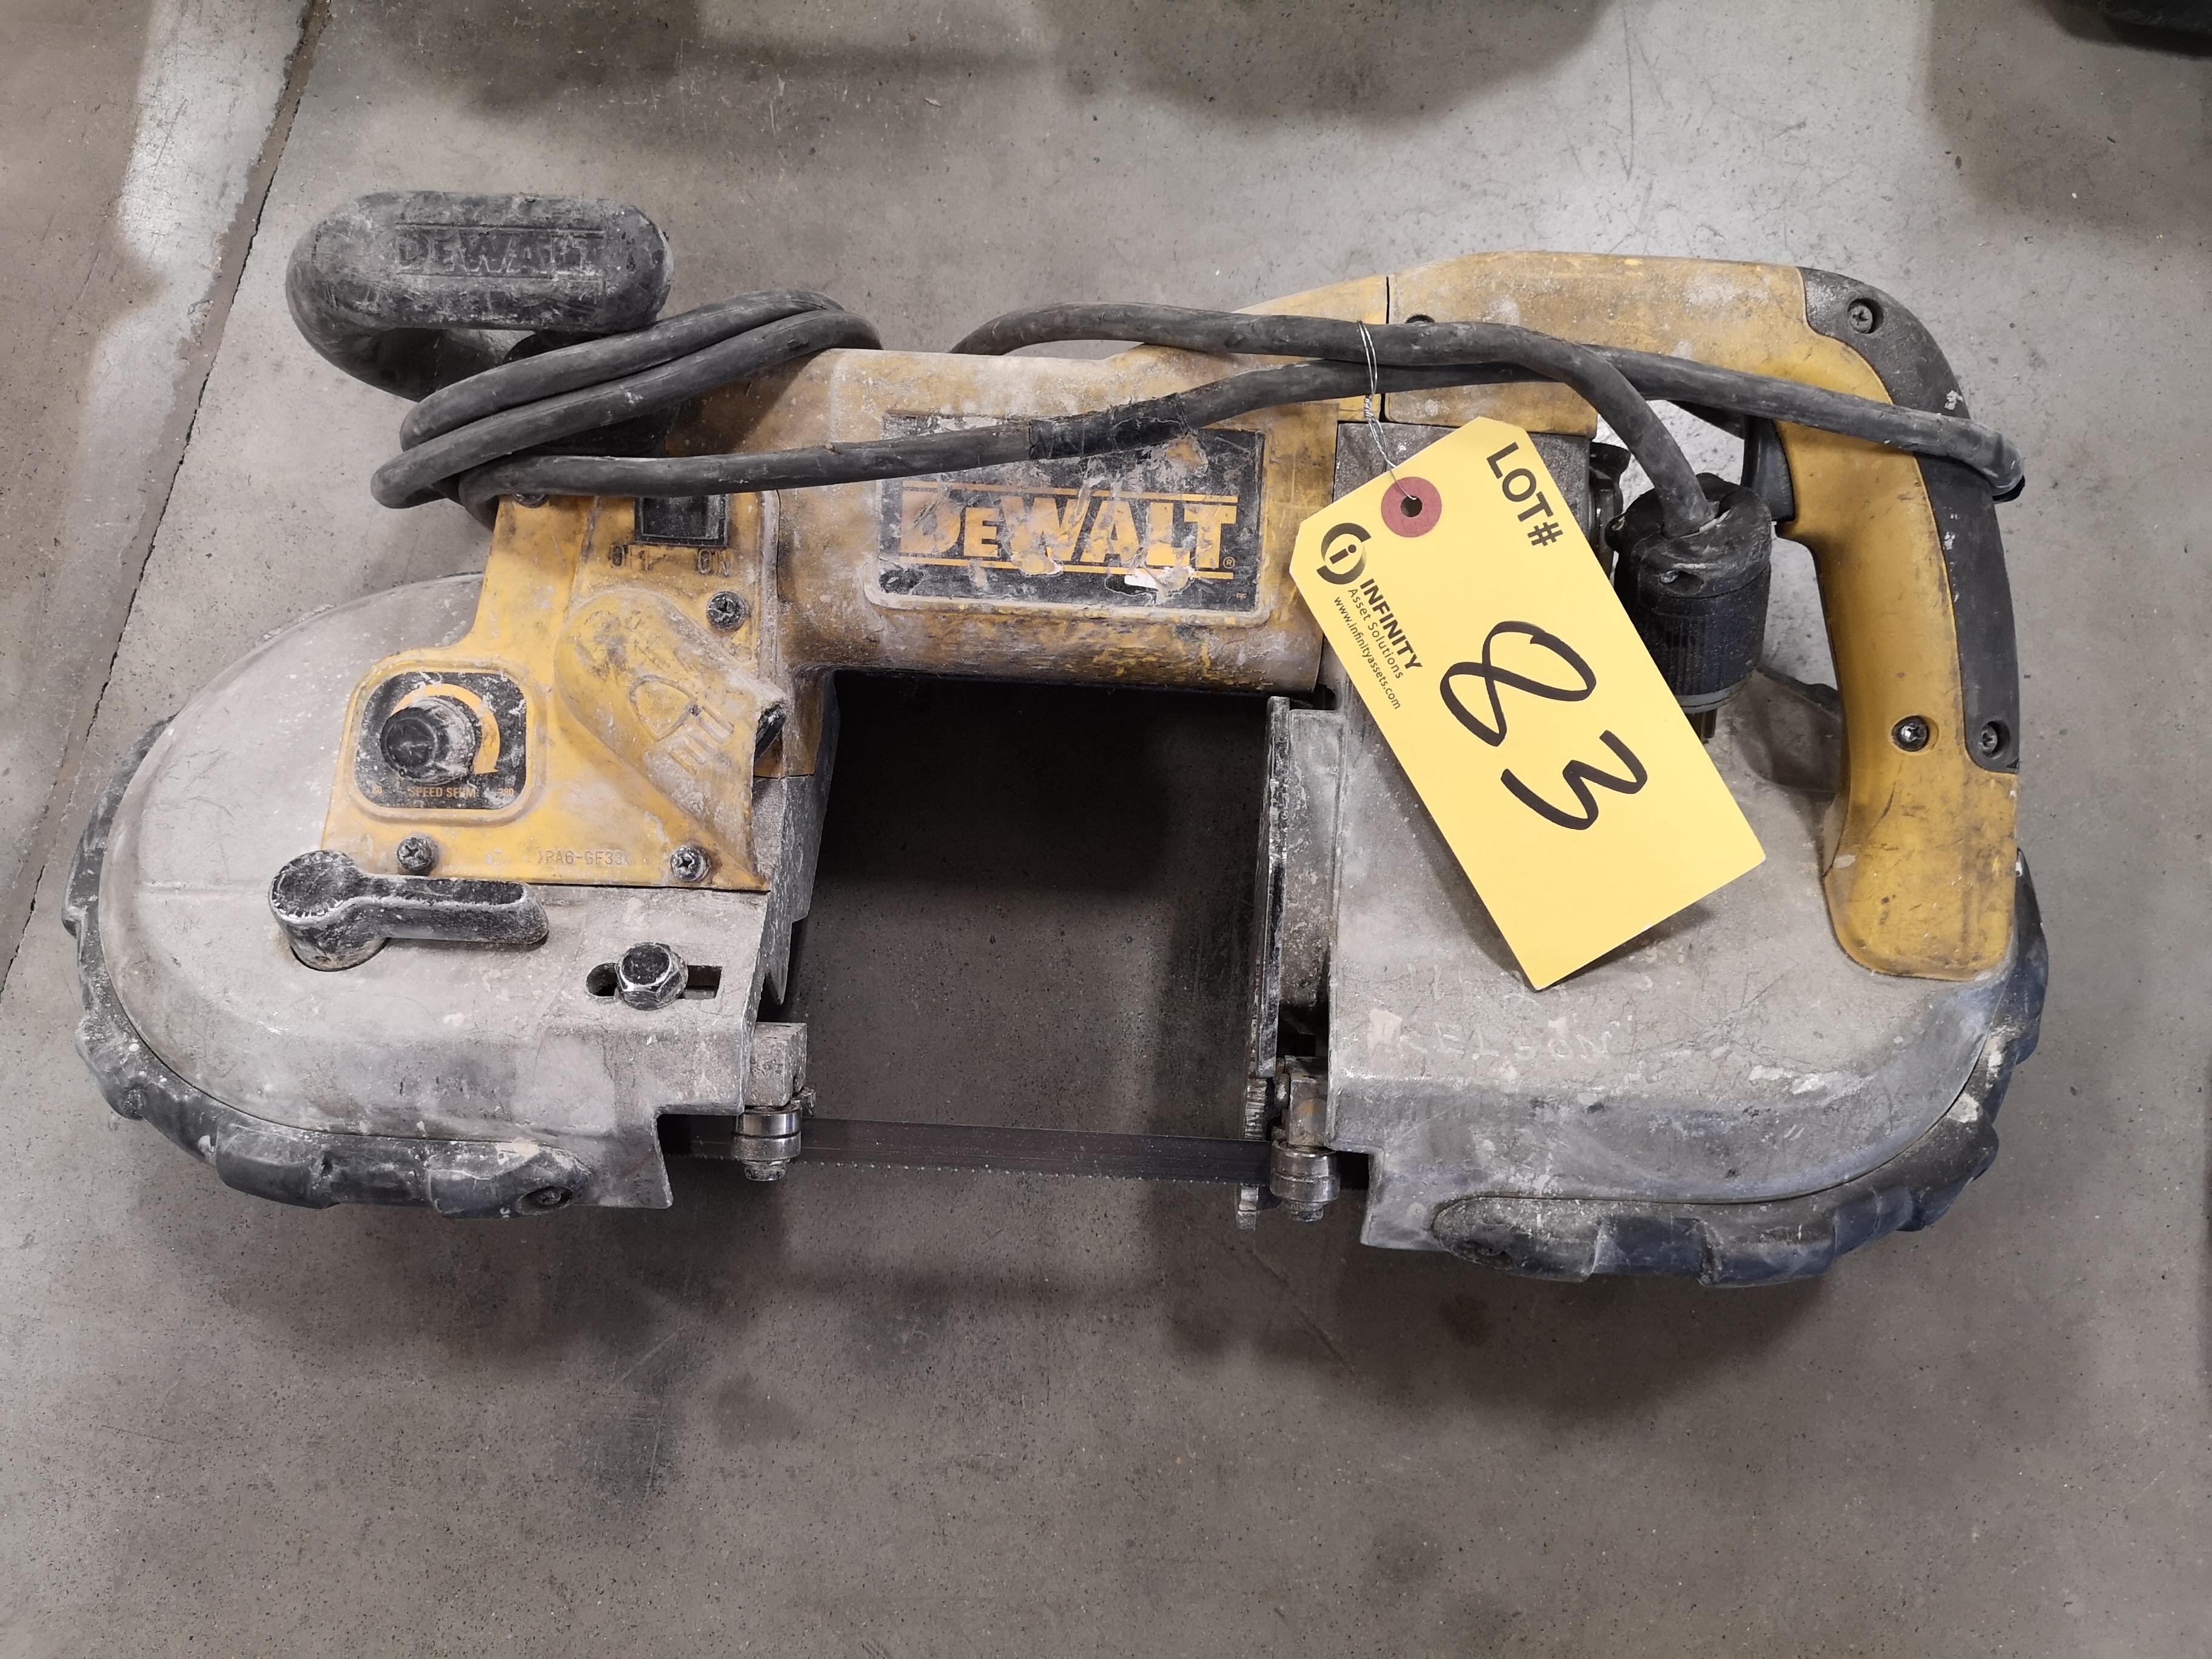 """DEWALT D28770 4-3/4""""(120MM) HEAVY DUTY DEEP CUT VARIABLE SPEED BANDSAW (LOCATED AT 1135 STELLAR"""